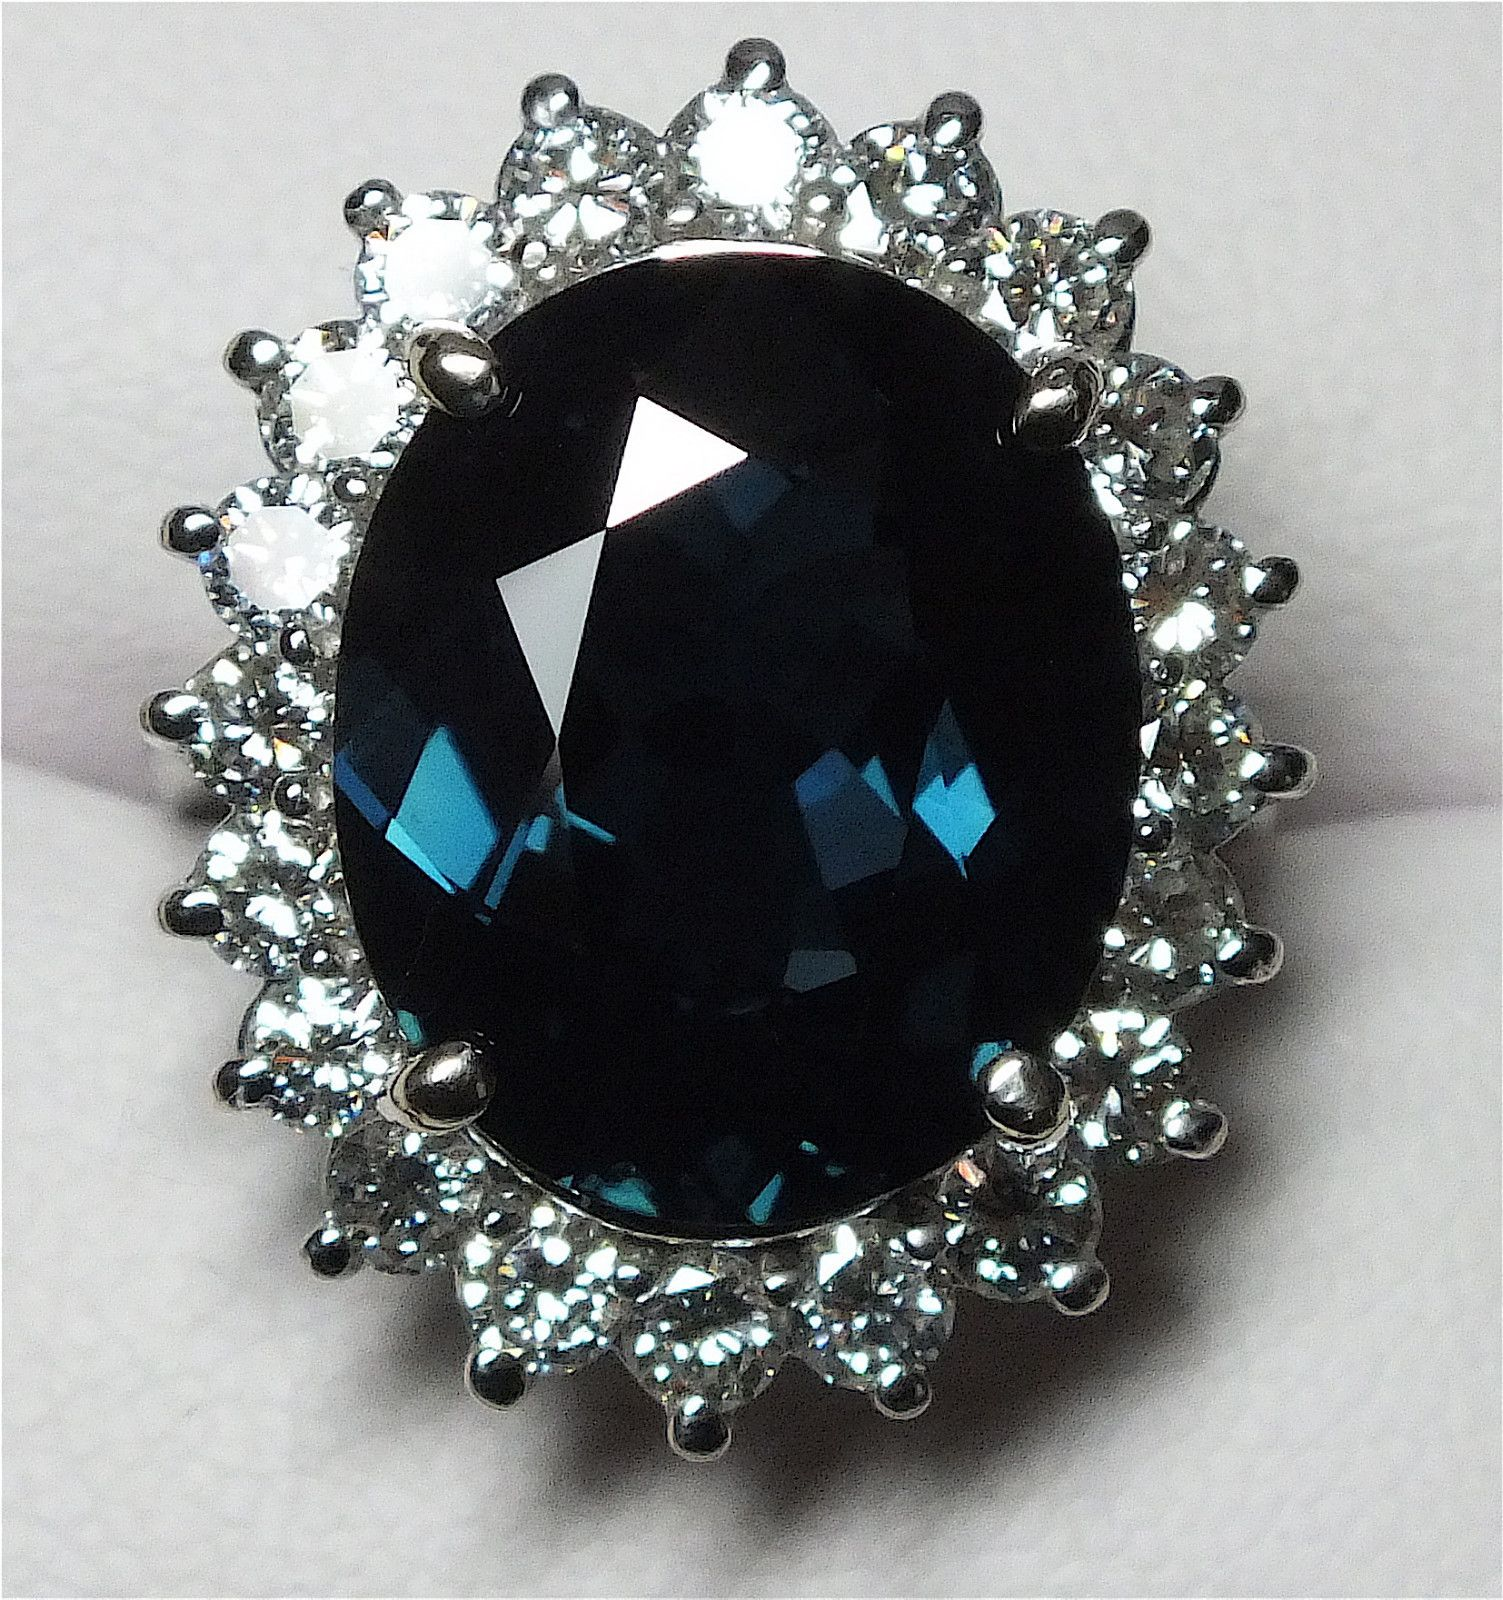 Princess Diana Style 14.59 Carat Sapphire & Diamond Ring